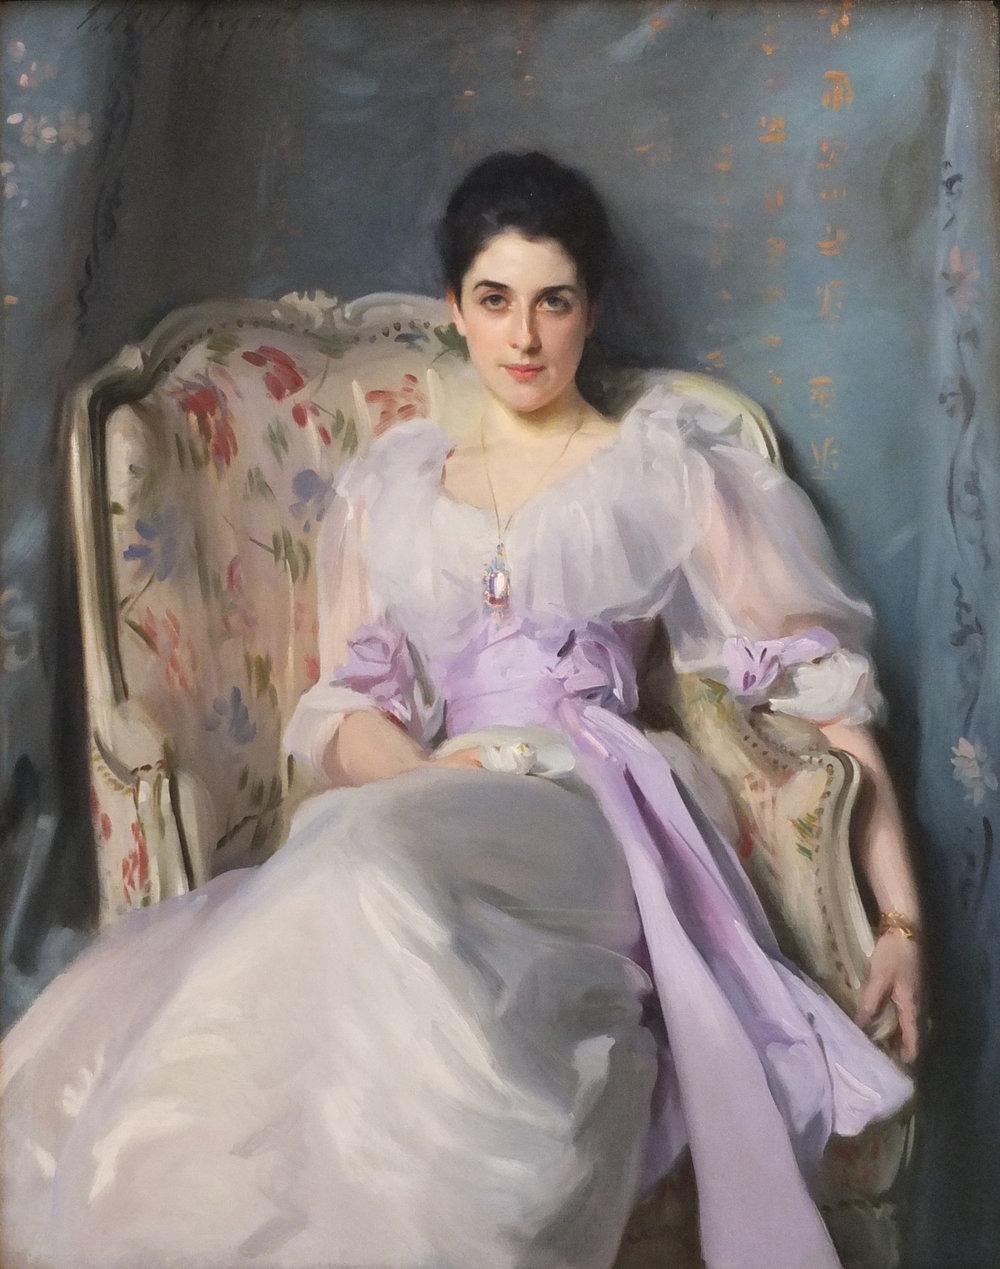 Lady Agnew of Lochnaw (John Singer Sargent). A decir verdad la imagen no tiene relevancia con el contexto histórico de la leyenda, pero me gusta pensar que Flandrine tenía una mirada coqueta como la de Lady Agnew.